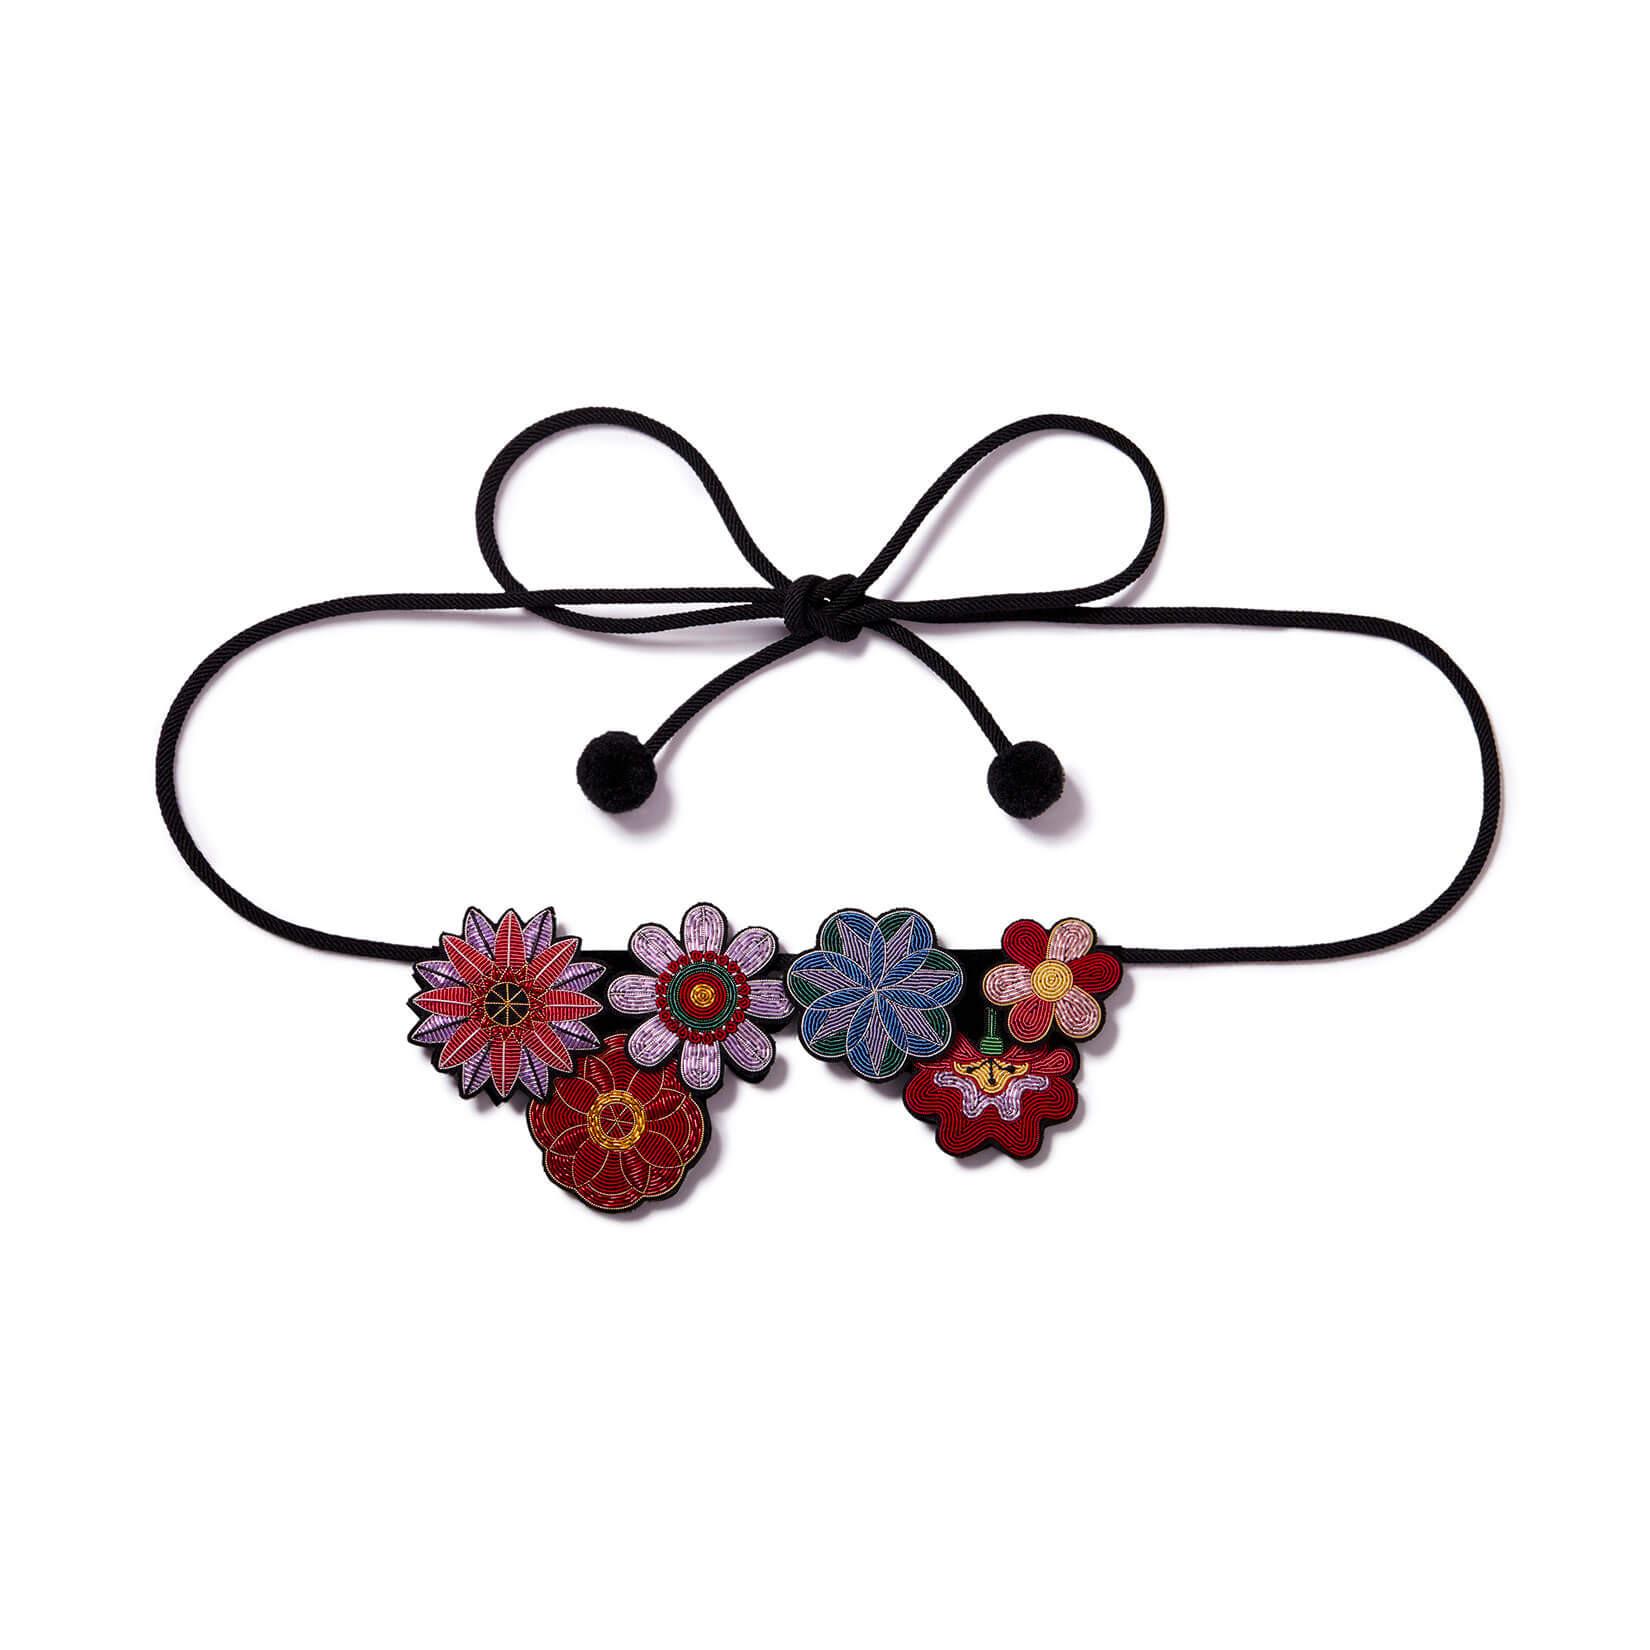 印度丝手工刺绣花瓣花卉腰带,花的力量通过我们精美的绣花故事。